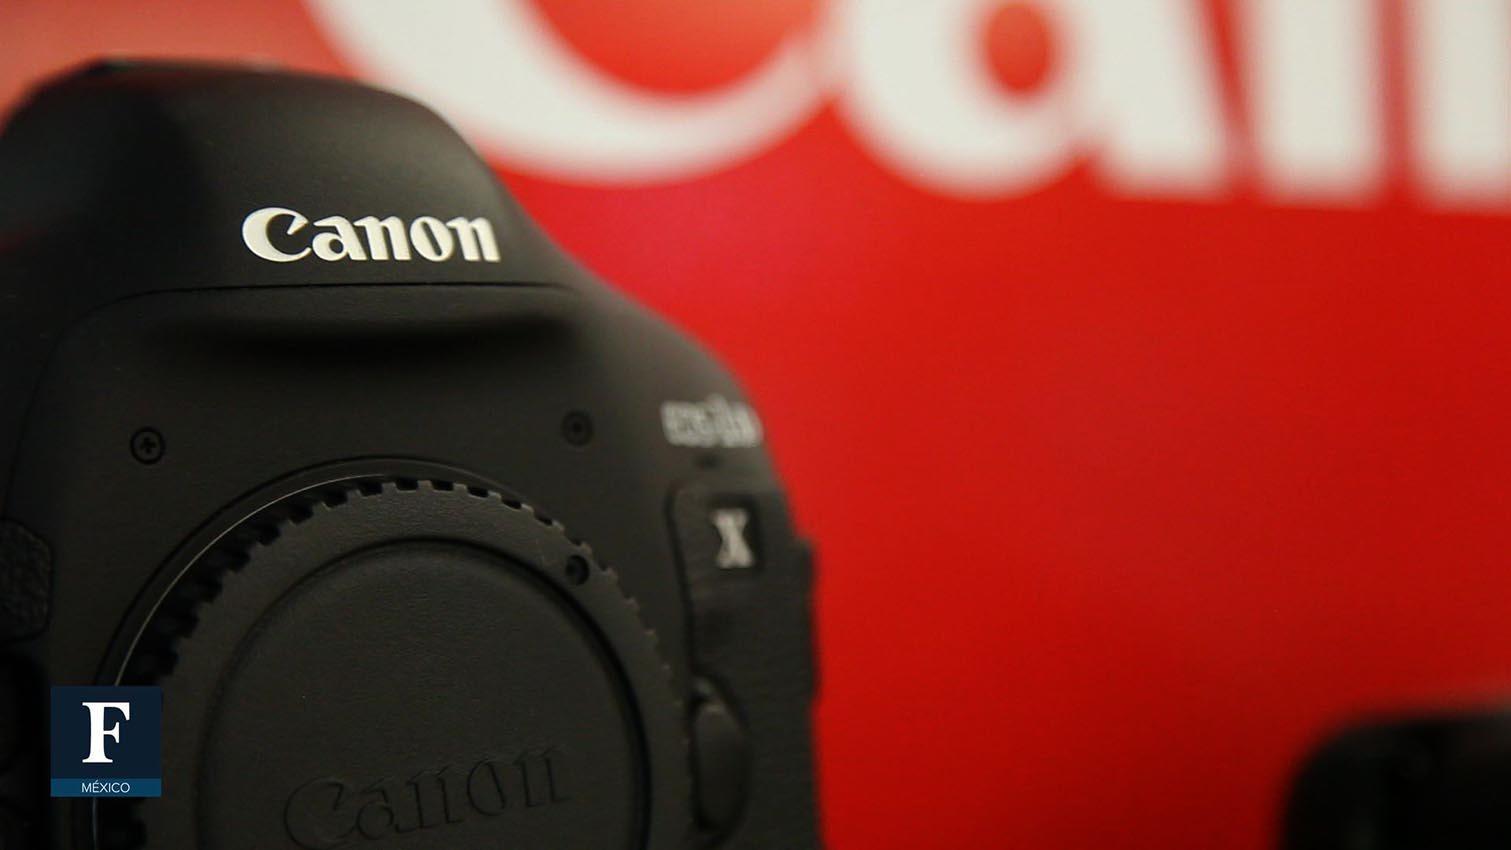 Canon, viaje al interior de la cámara